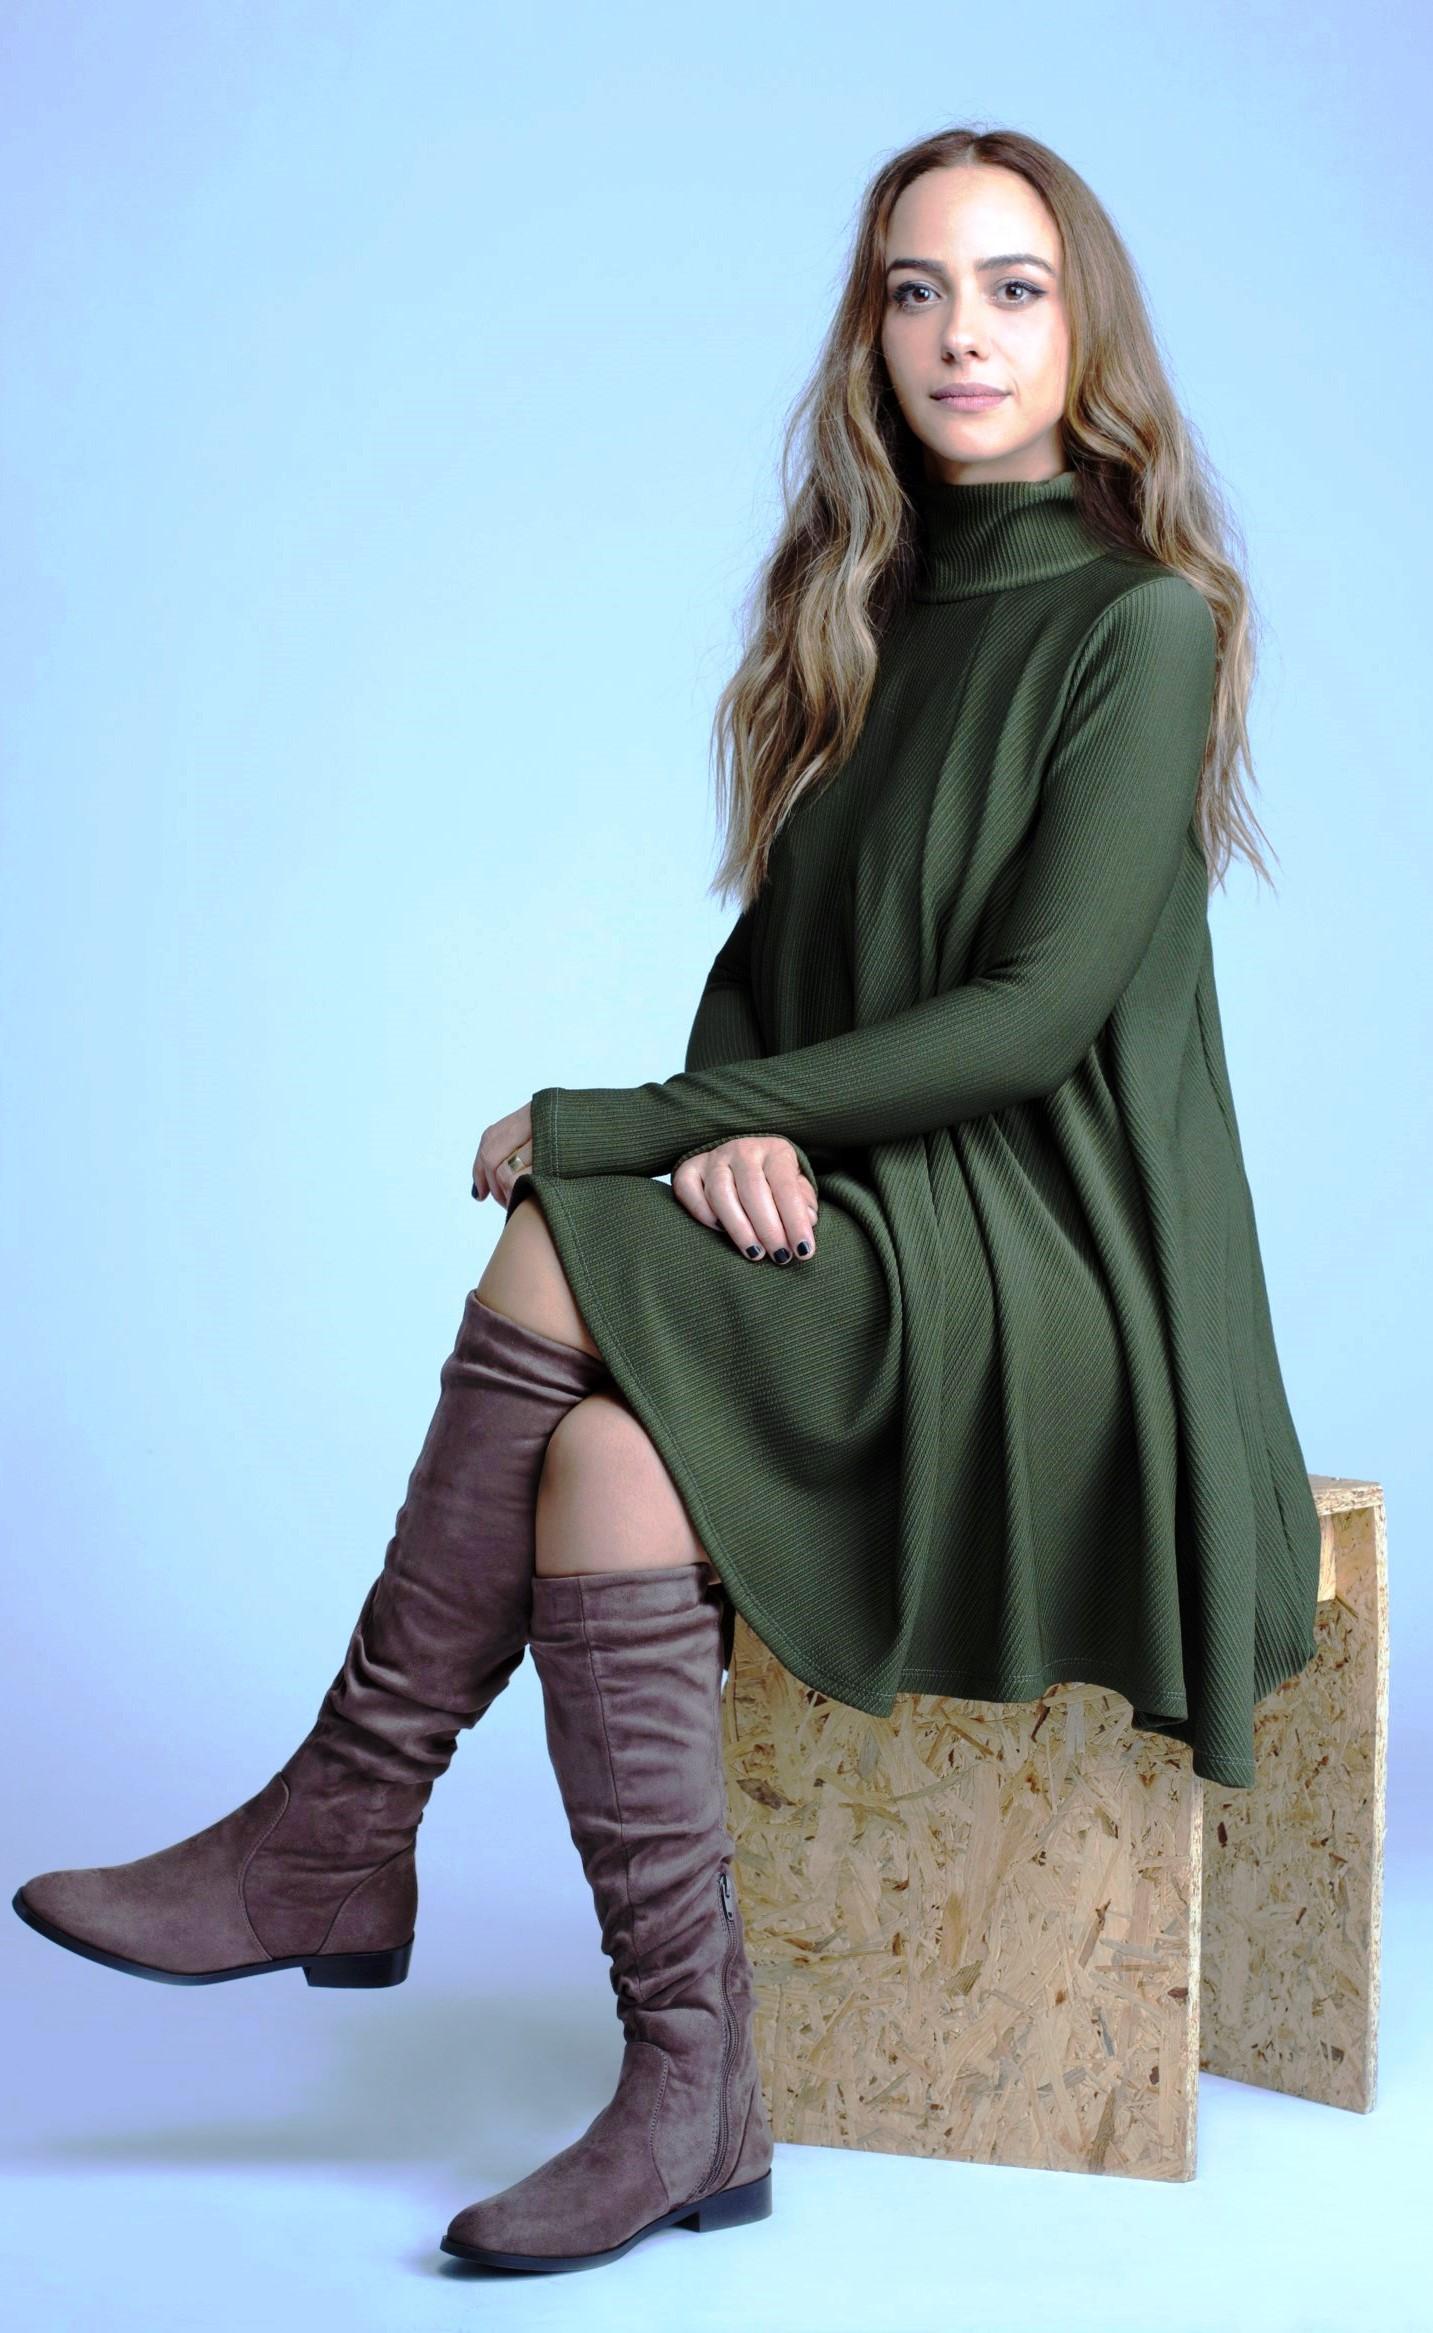 קידום התדמית הכל-משפחתית. שרון אחותה של אילנית לוי כפרזנטורית של נעלי גלי. צילום זוהר שיטרית